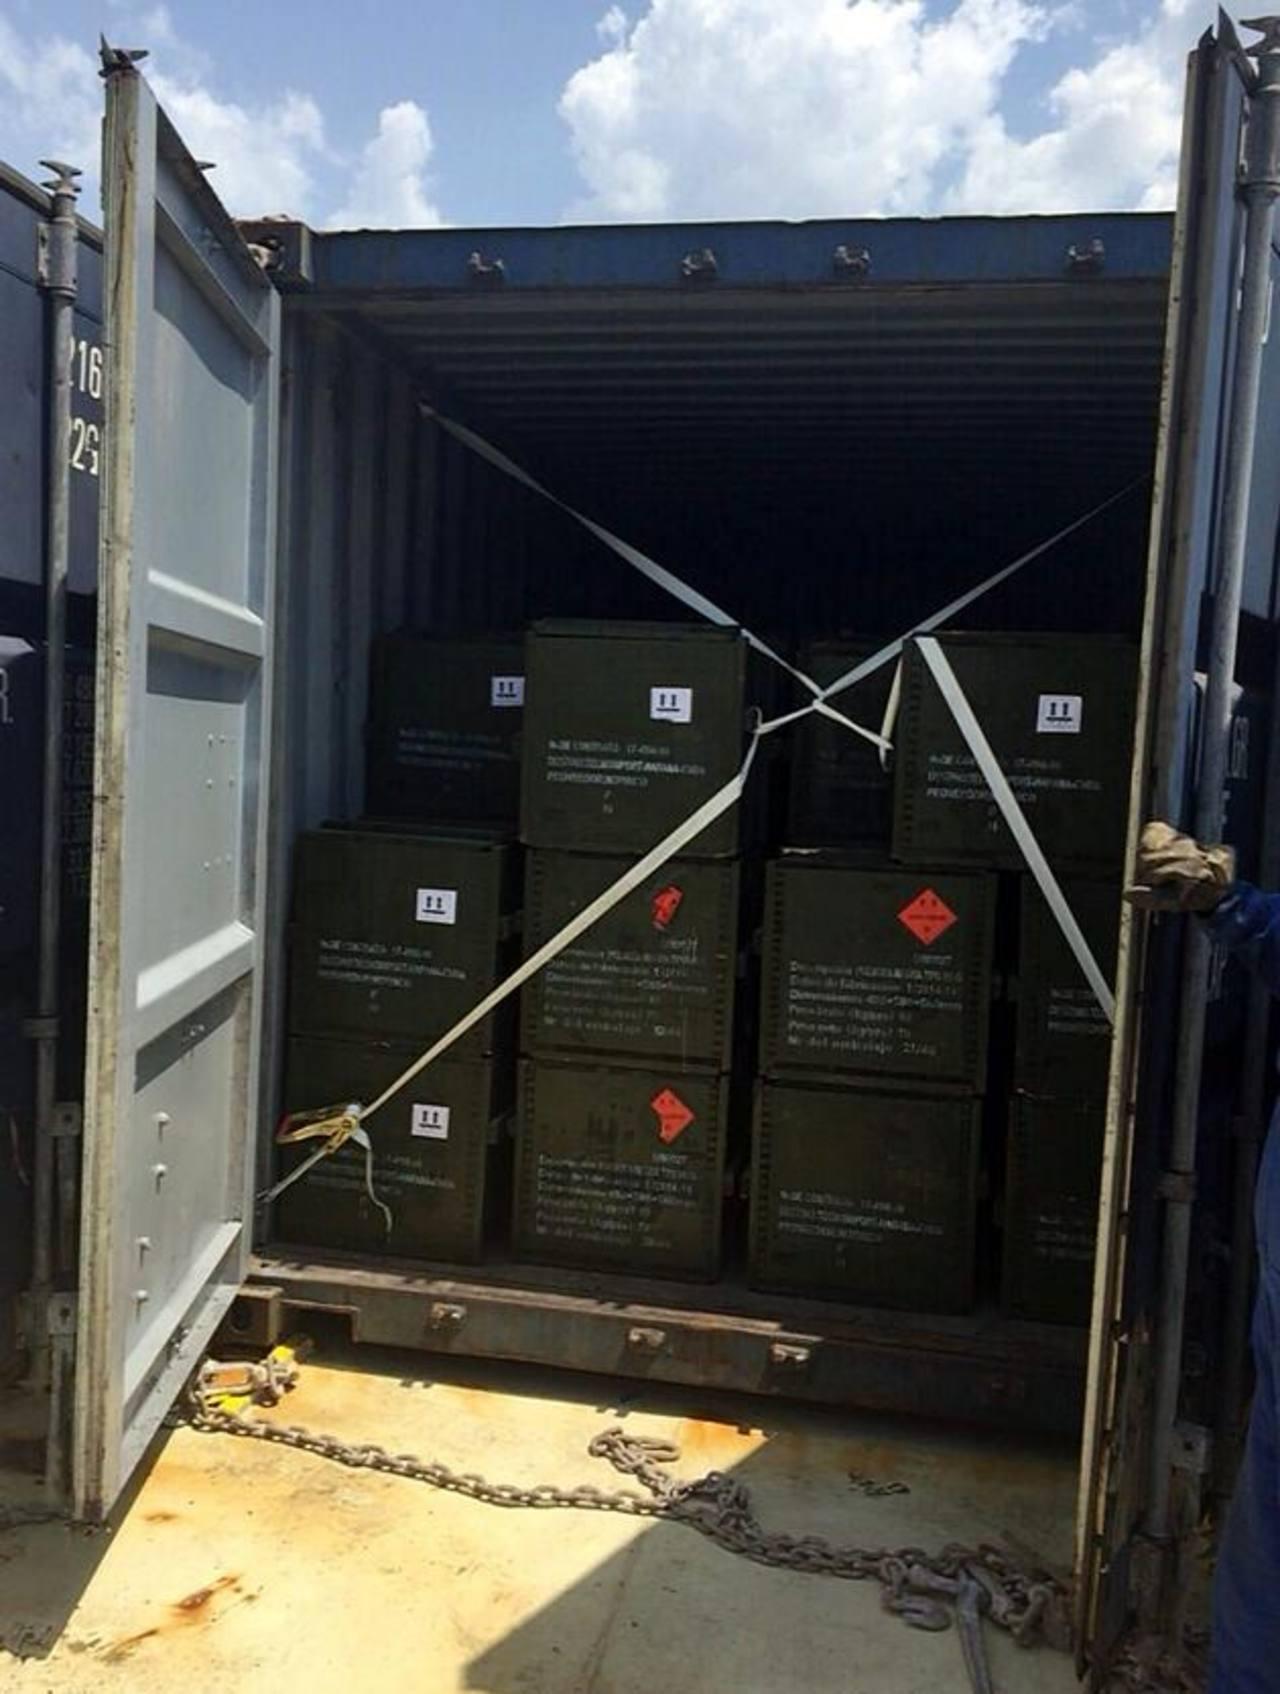 Fotografía cedida por la Fiscalía de Colombia donde se ve un contenedor incautado.